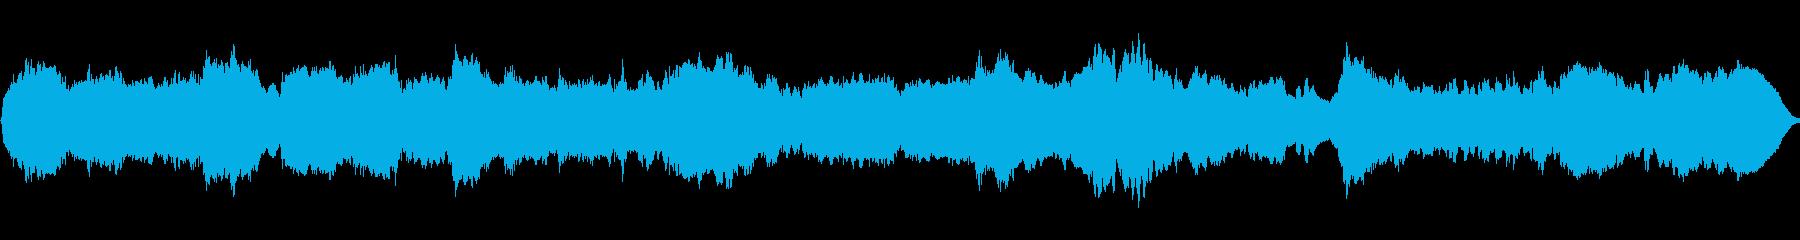 バロック調木管三重奏オリジナル曲です。の再生済みの波形